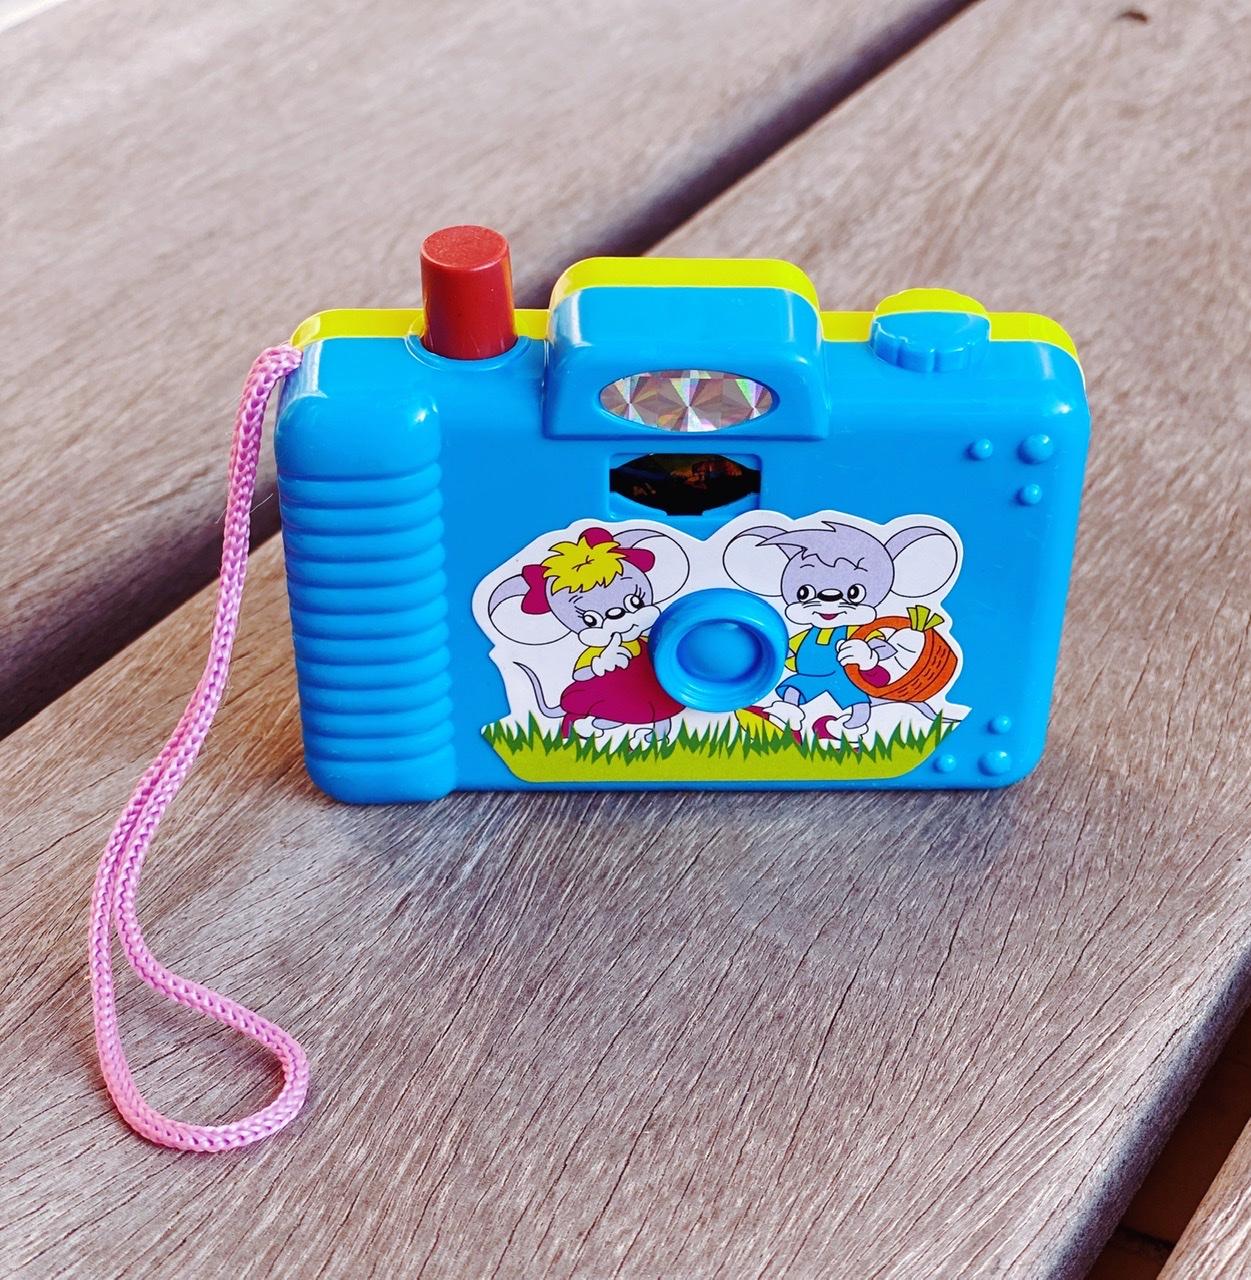 Appareil photo jouet enfant kermesse